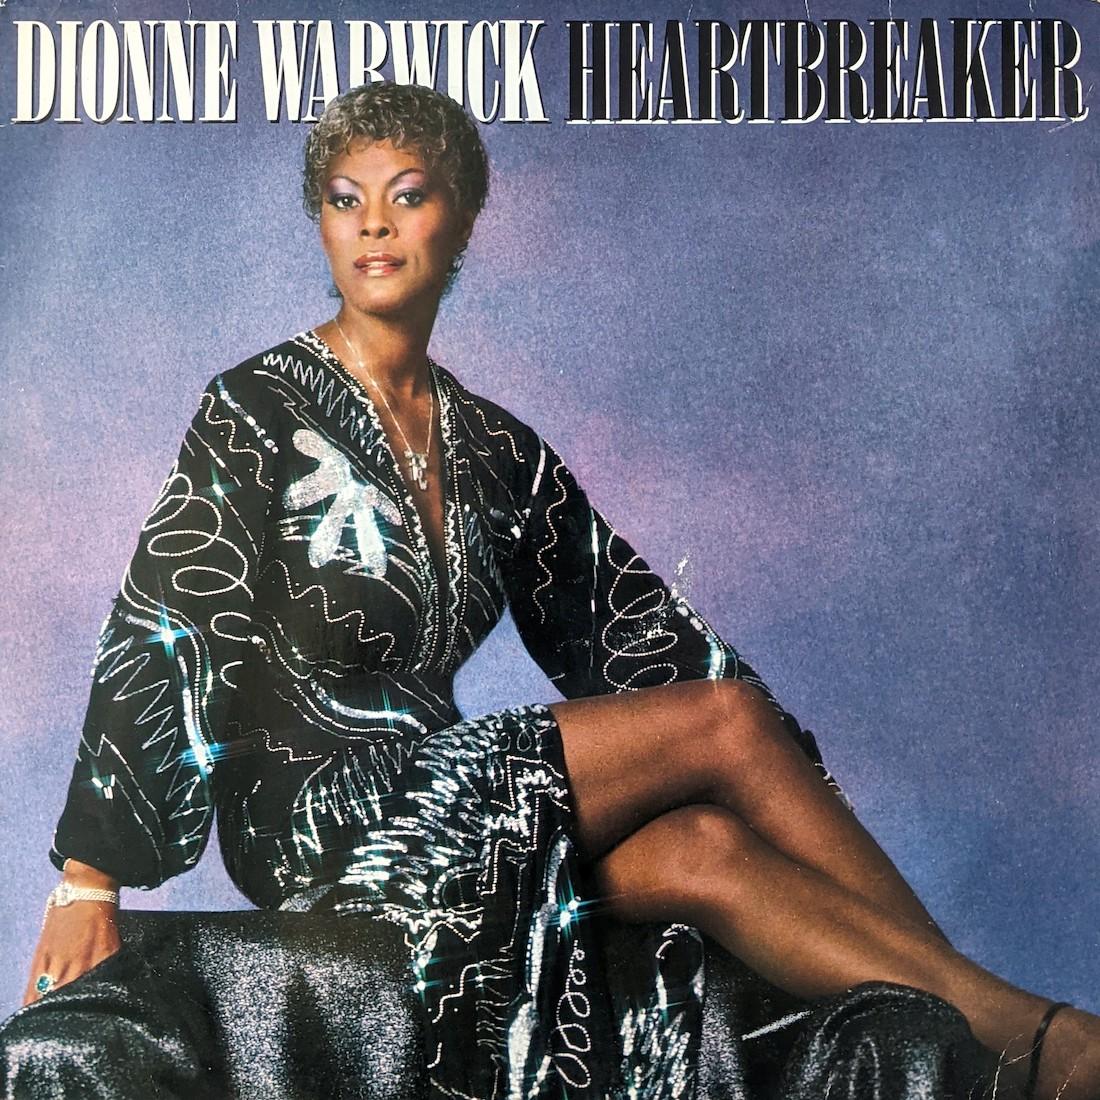 Dionne Warwick - Heartbreaker (1982) album cover